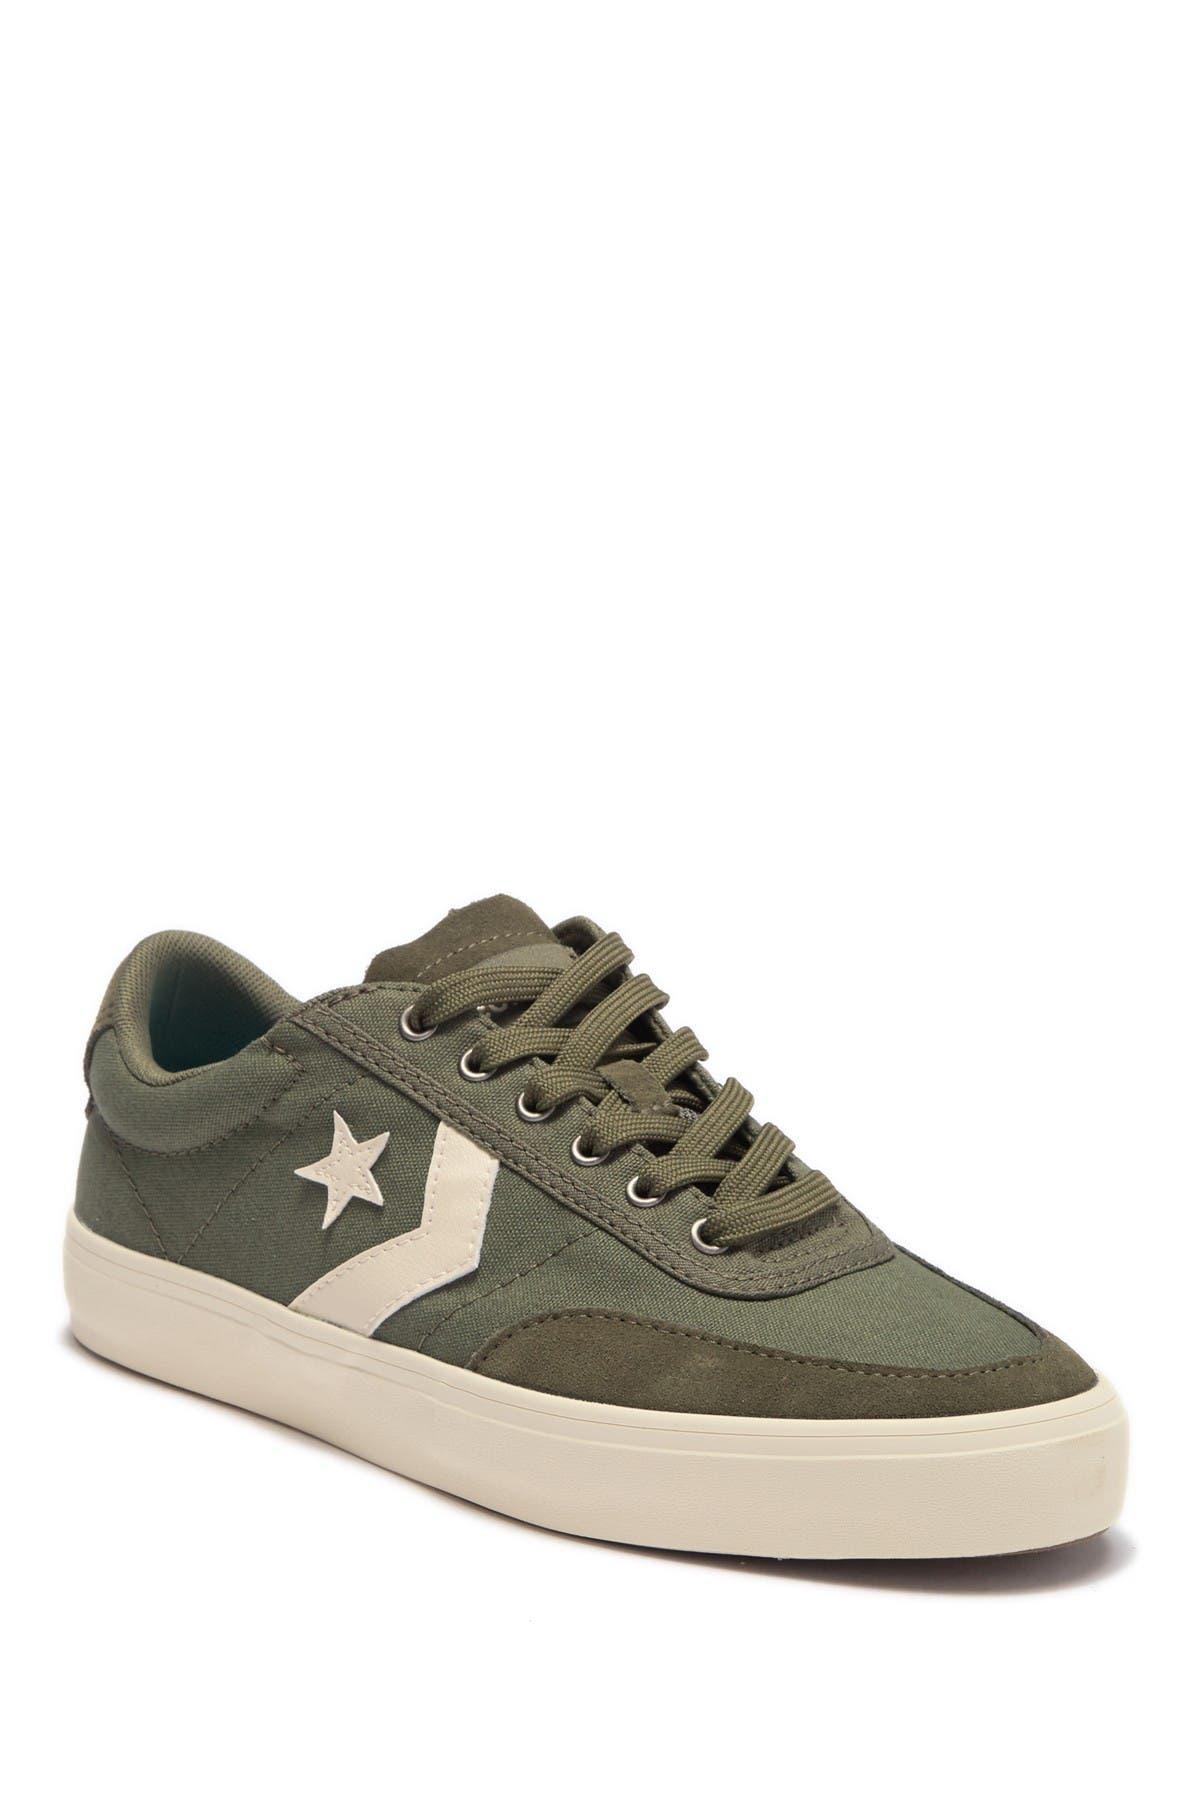 Converse | Courtlandt Sneaker